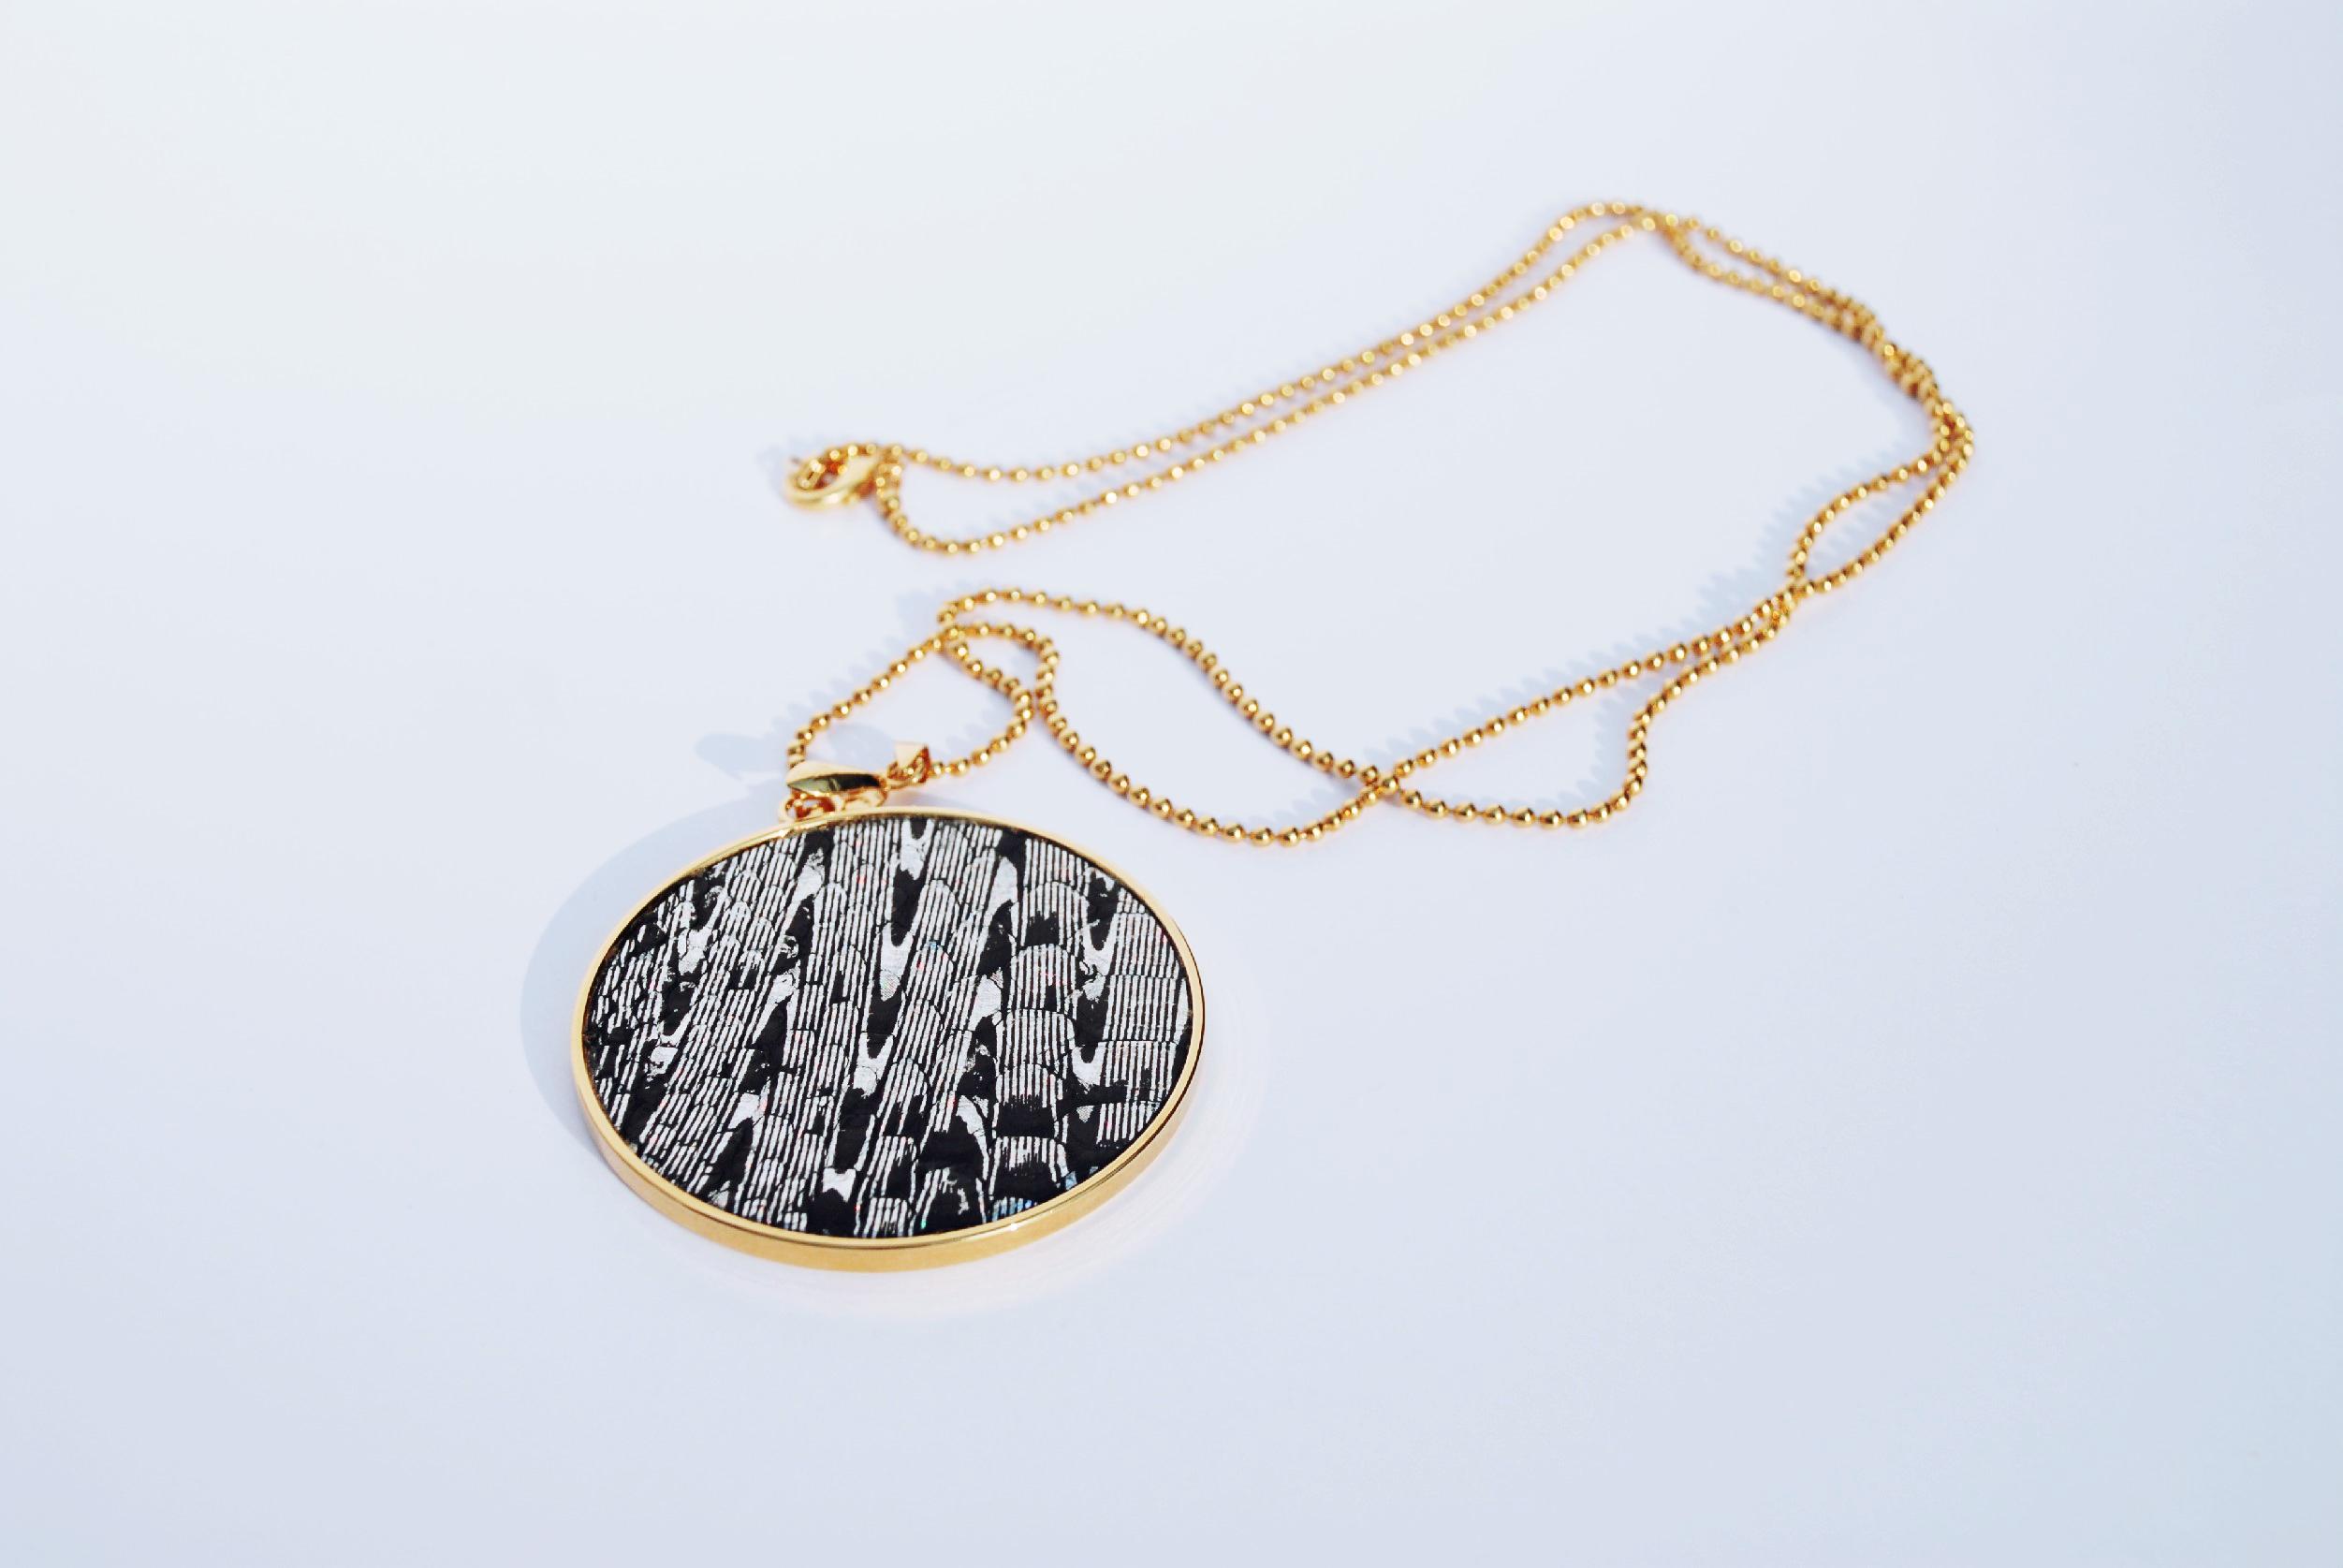 medallion 60 mm high fashion leather CROCODILE